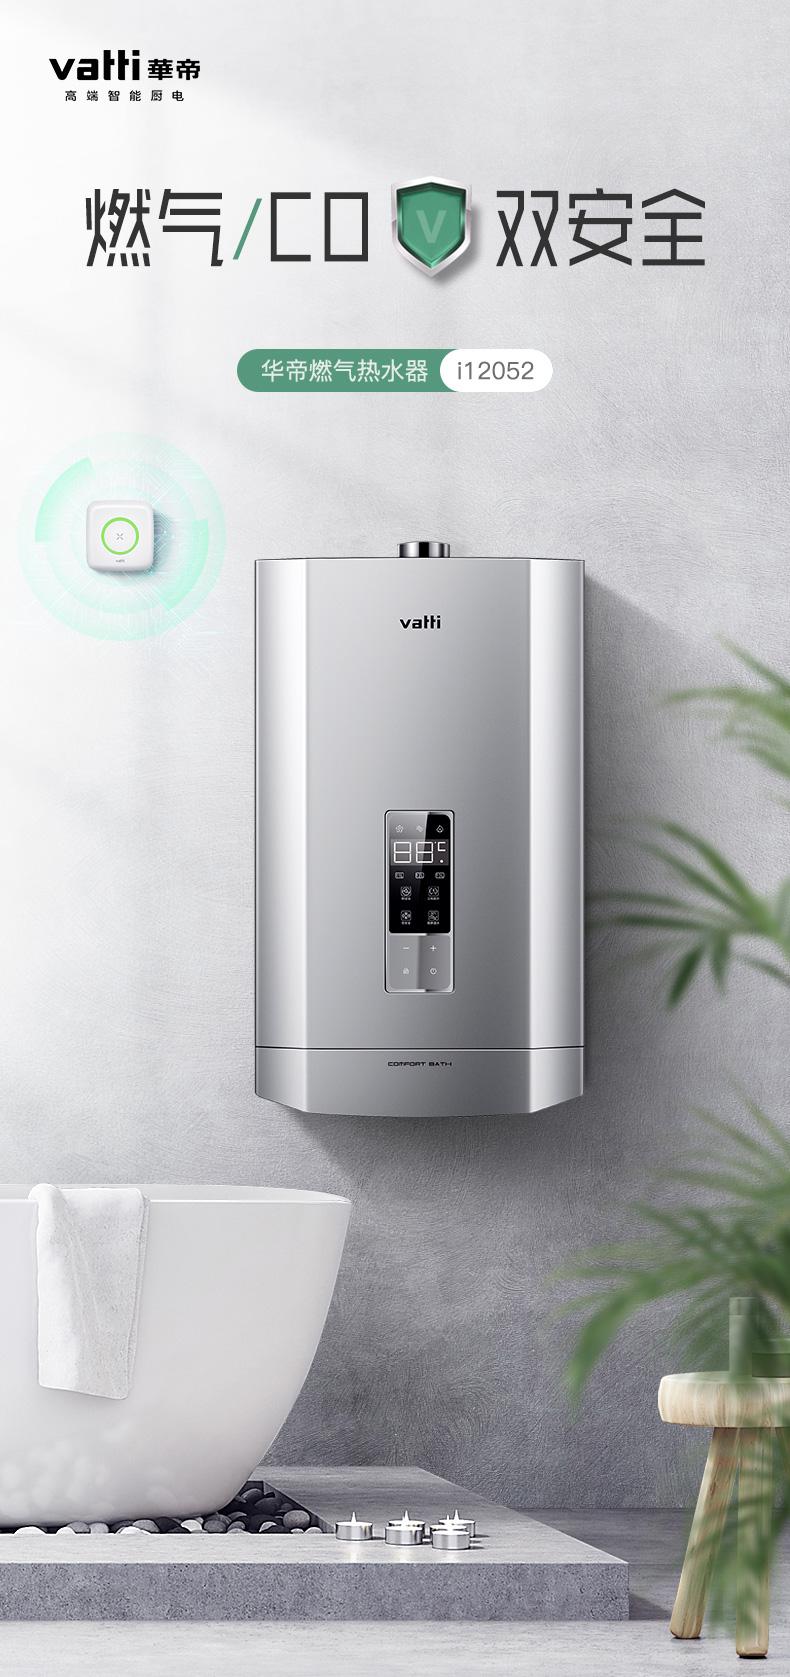 5华帝燃气热水器i12052-切片01_01